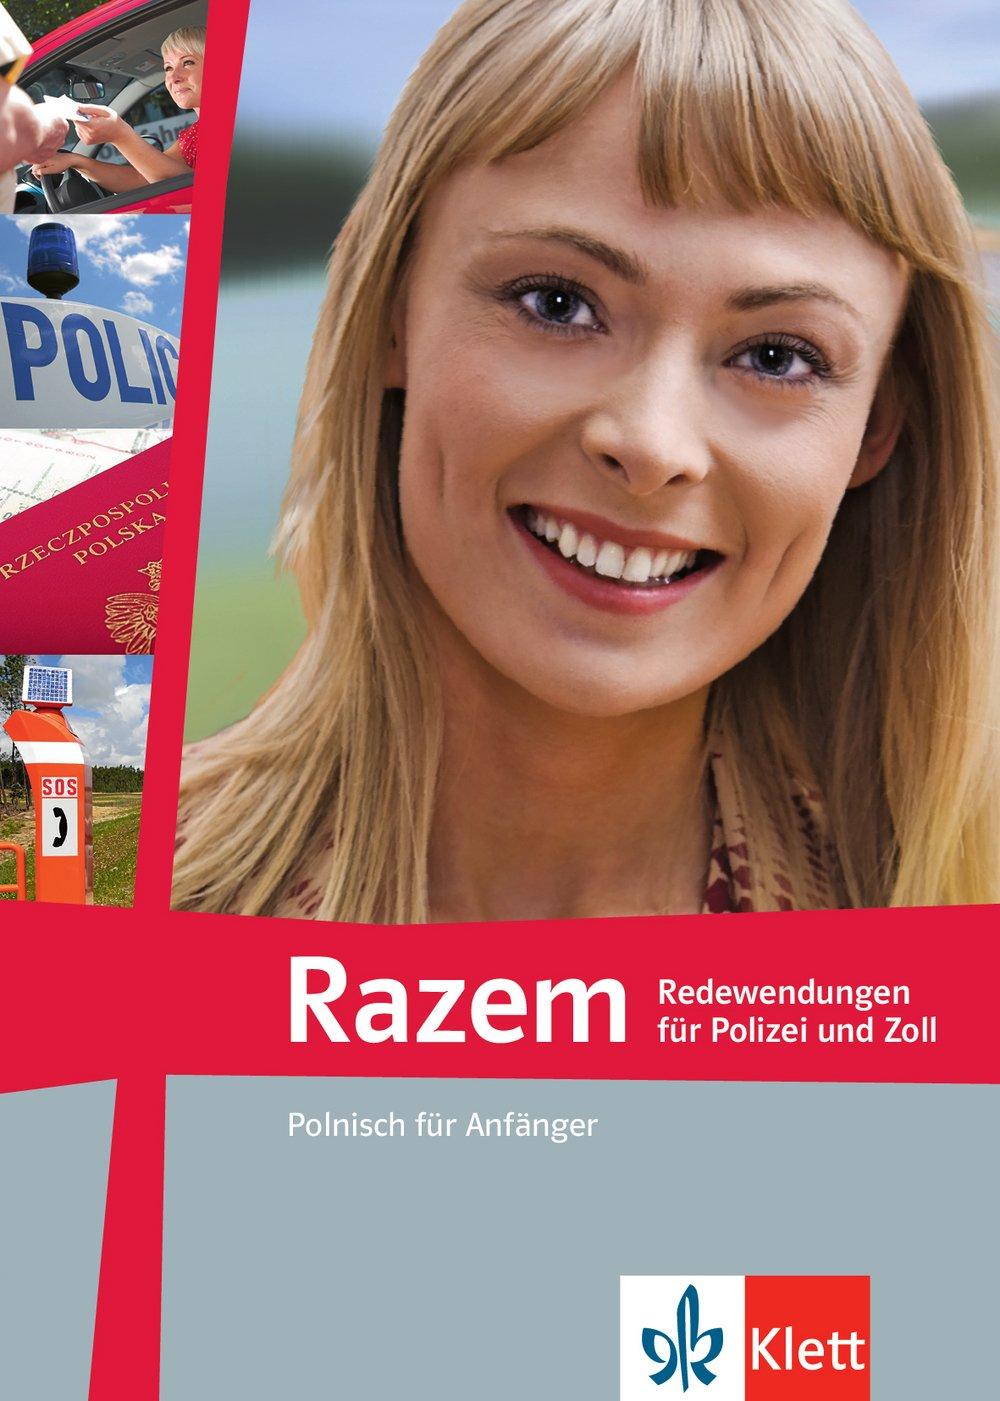 Razem - Redewendungen für Polizei und Zoll (Razem neu)